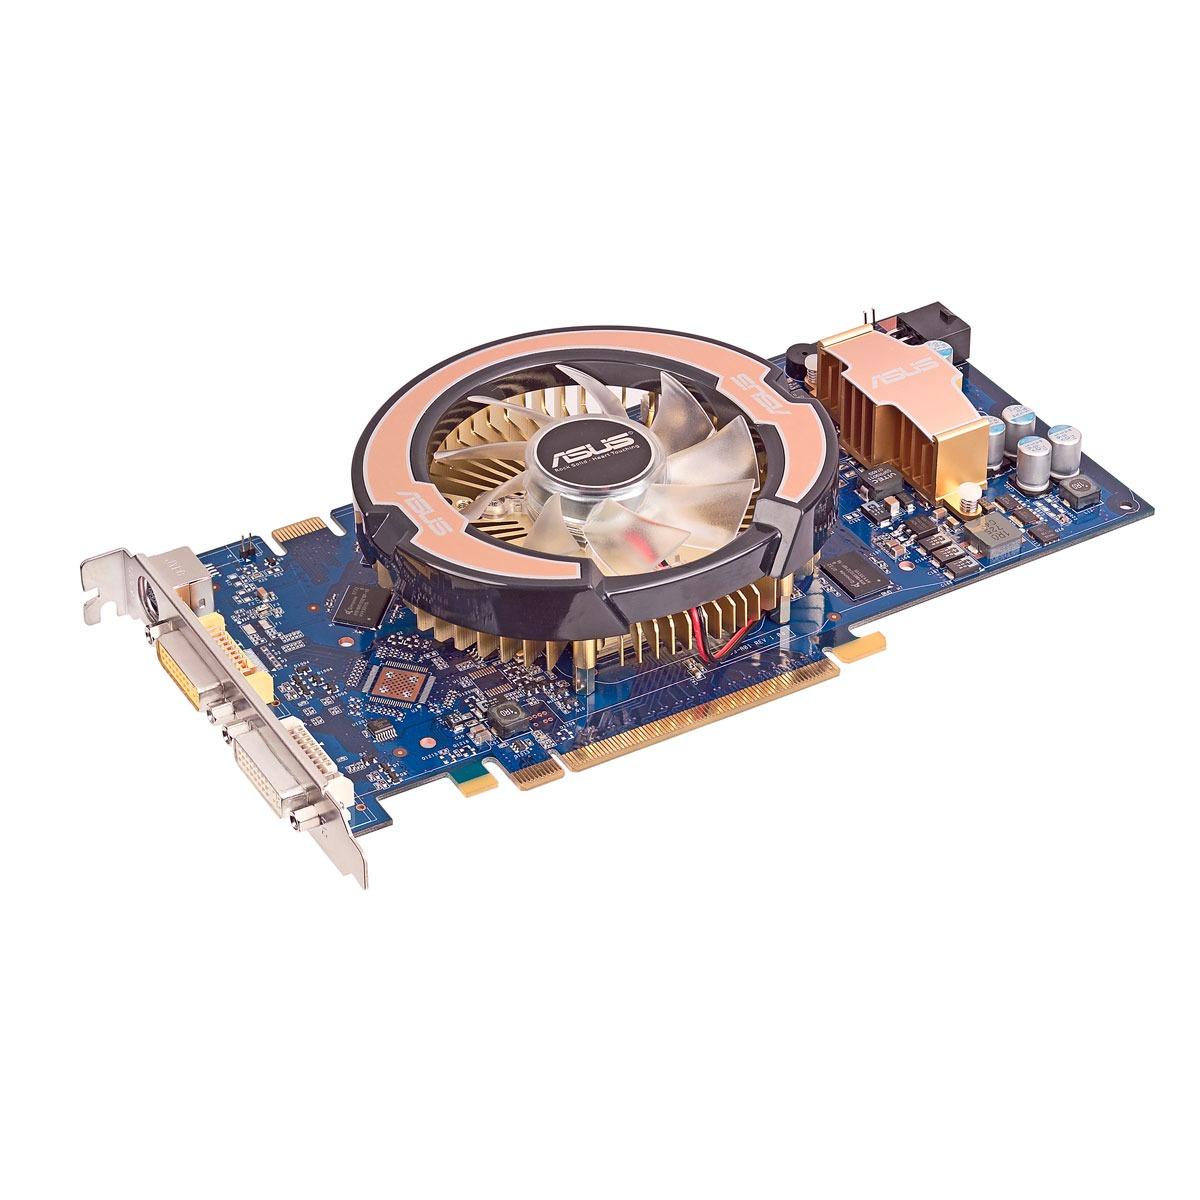 Carte graphique ASUS EN8800GT/HTDP/512M ASUS EN8800GT/HTDP/512M - 512 Mo - TV-Out/Dual DVI - PCI Express (NVIDIA GeForce 8800 GT)